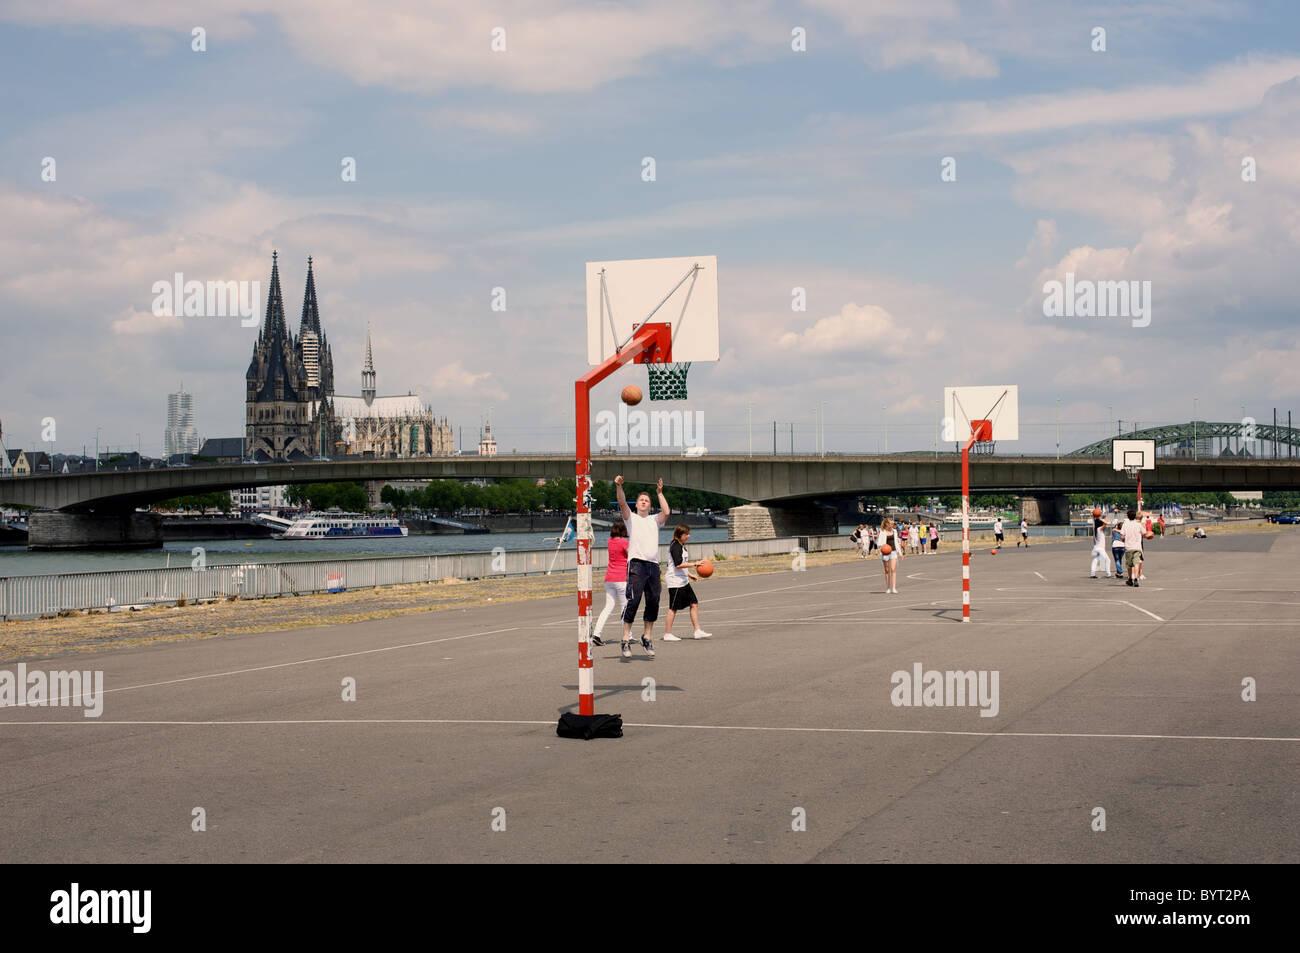 Les enfants de l'école jouer au basket-ball à côté du Rhin, Cologne, Allemagne. Photo Stock